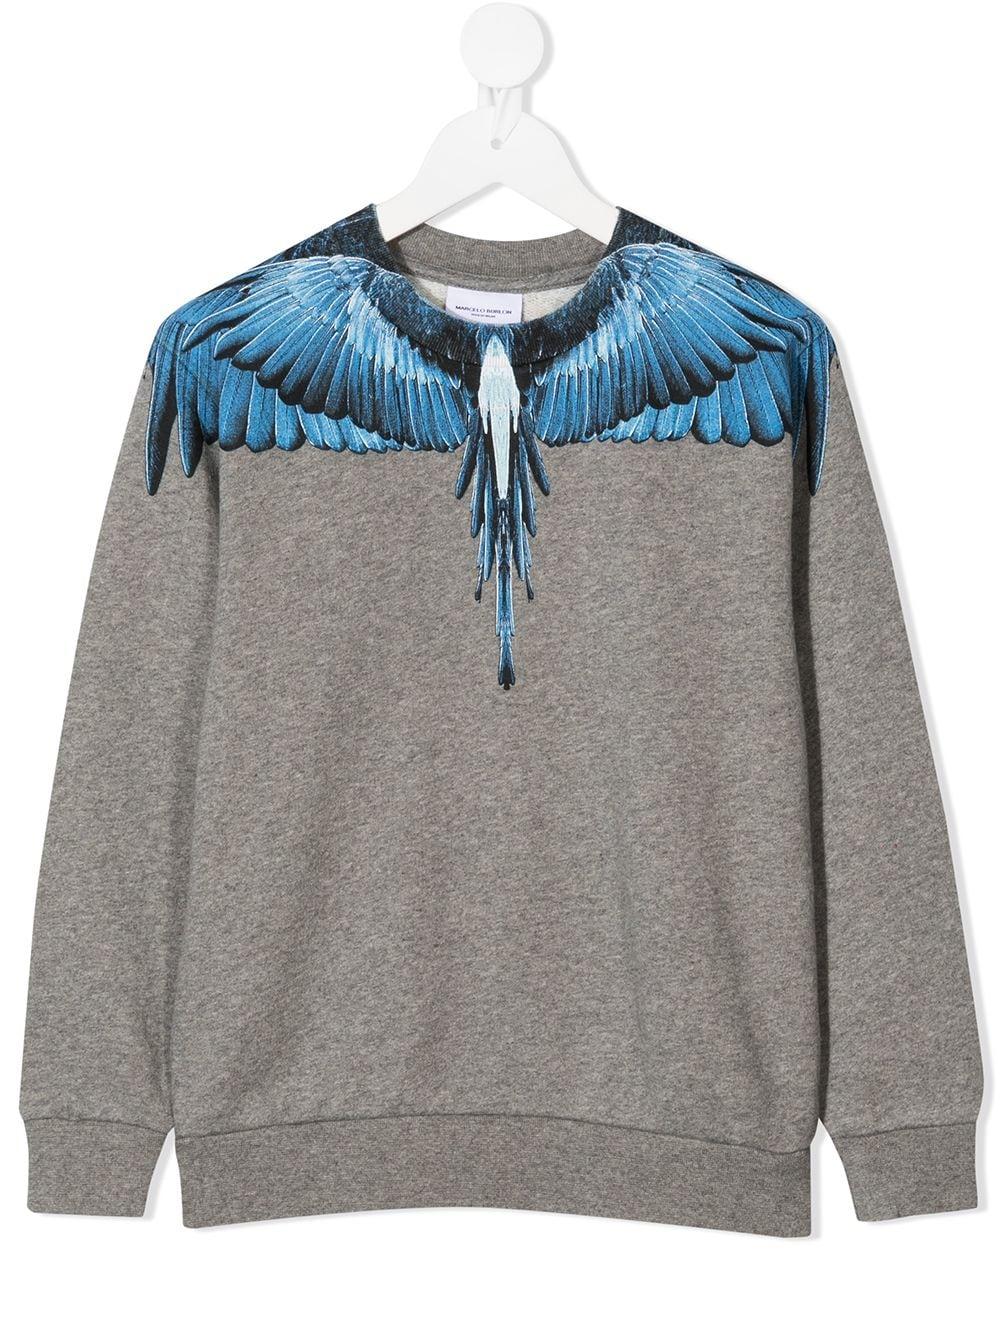 Marcelo burlon | Sweatshirt | MB20080020B050